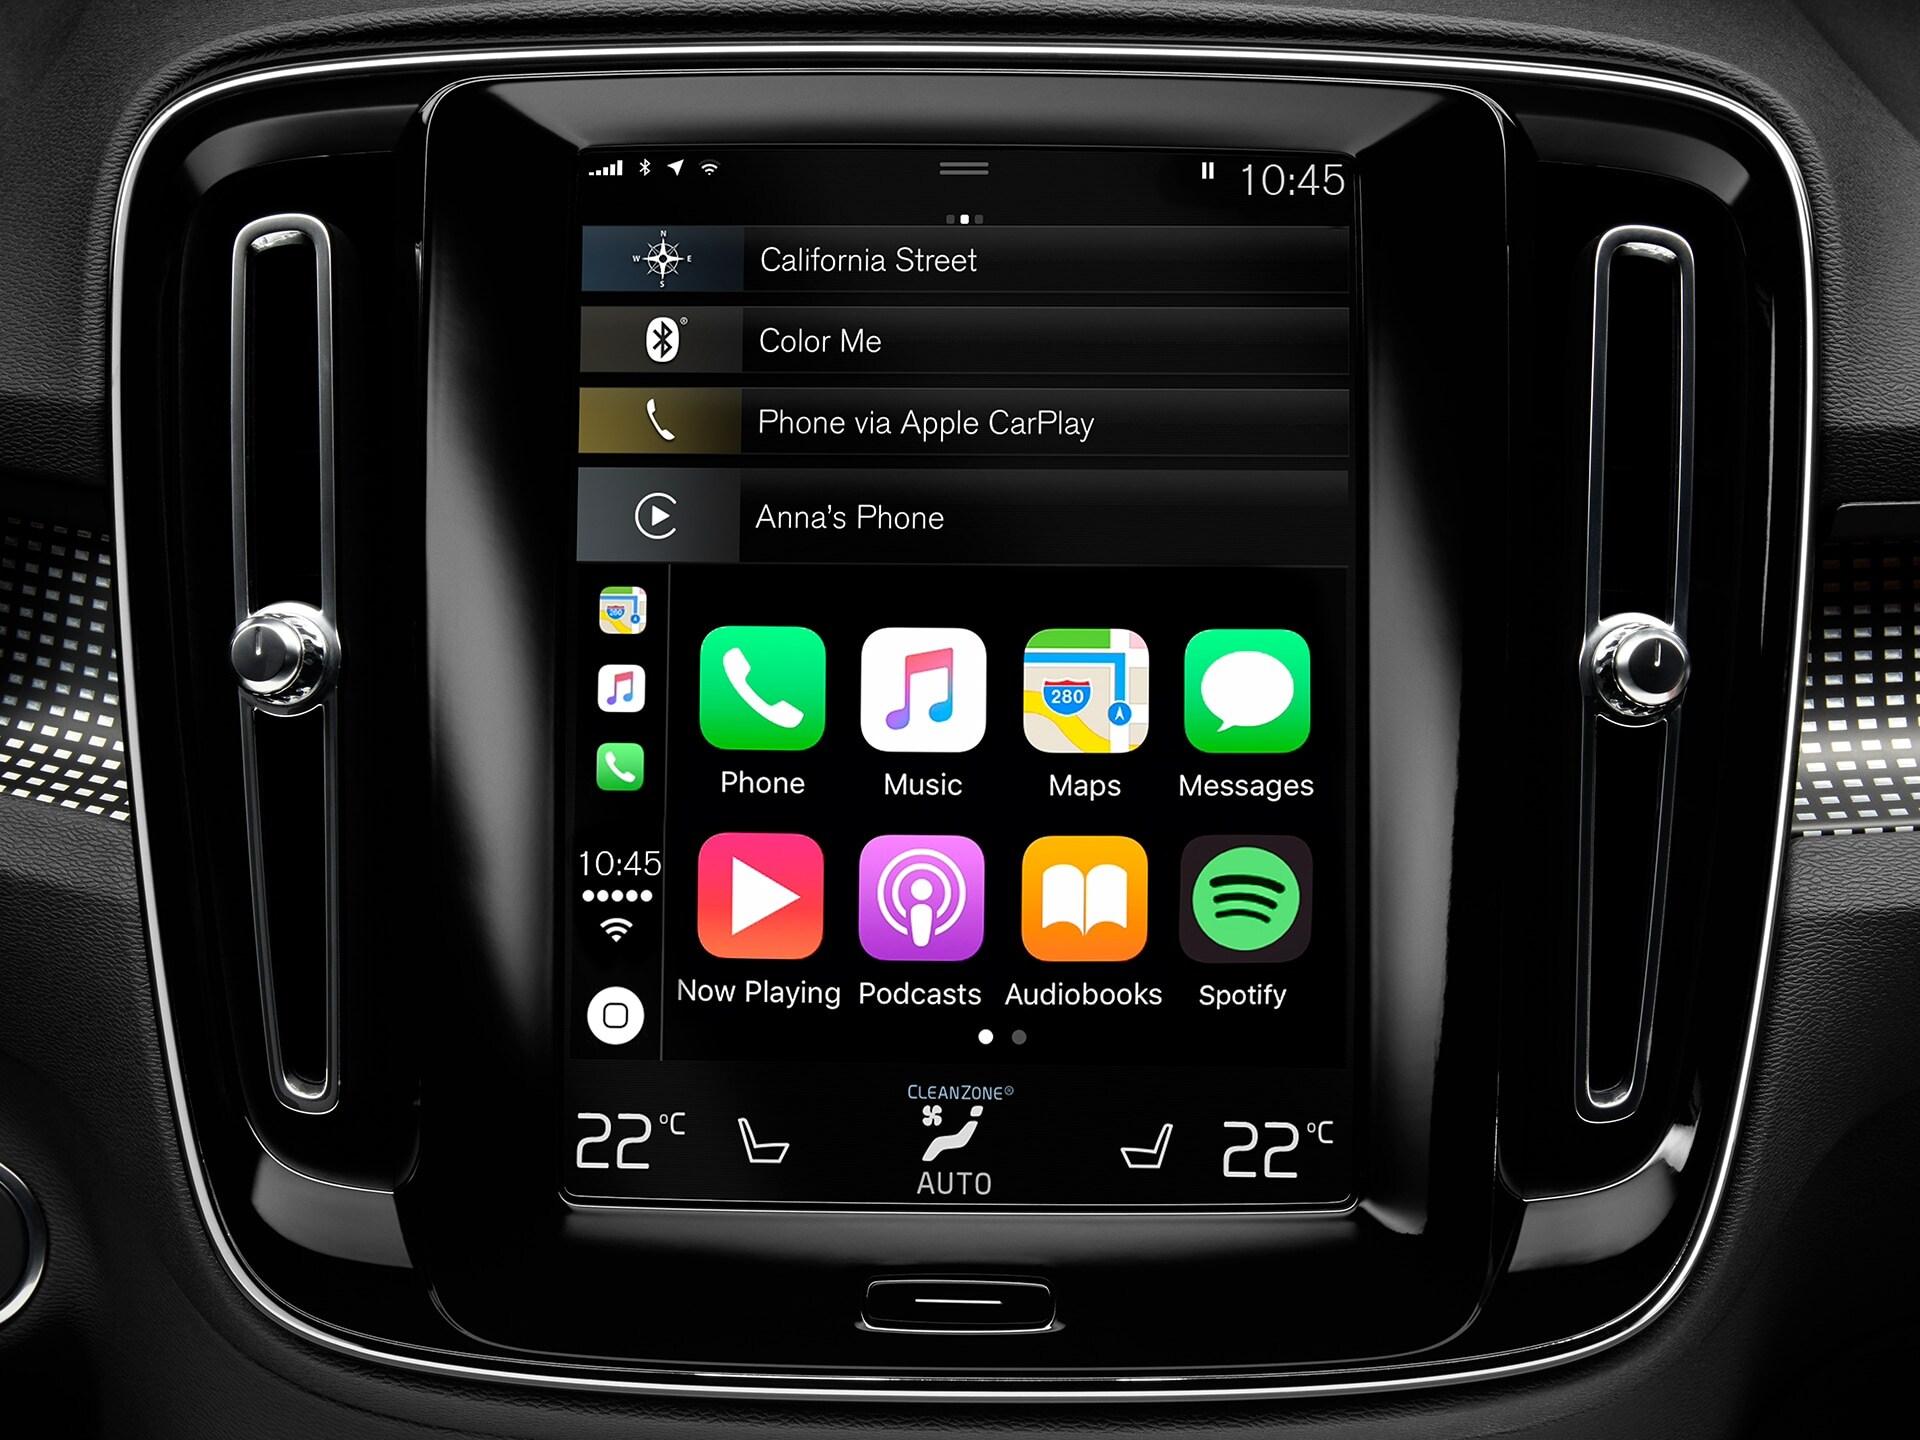 Κοντινή λήψη του συστήματος συνδεσιμότητας σε ένα Volvo XC40 που εμφανίζει την ενσωμάτωση smartphone.